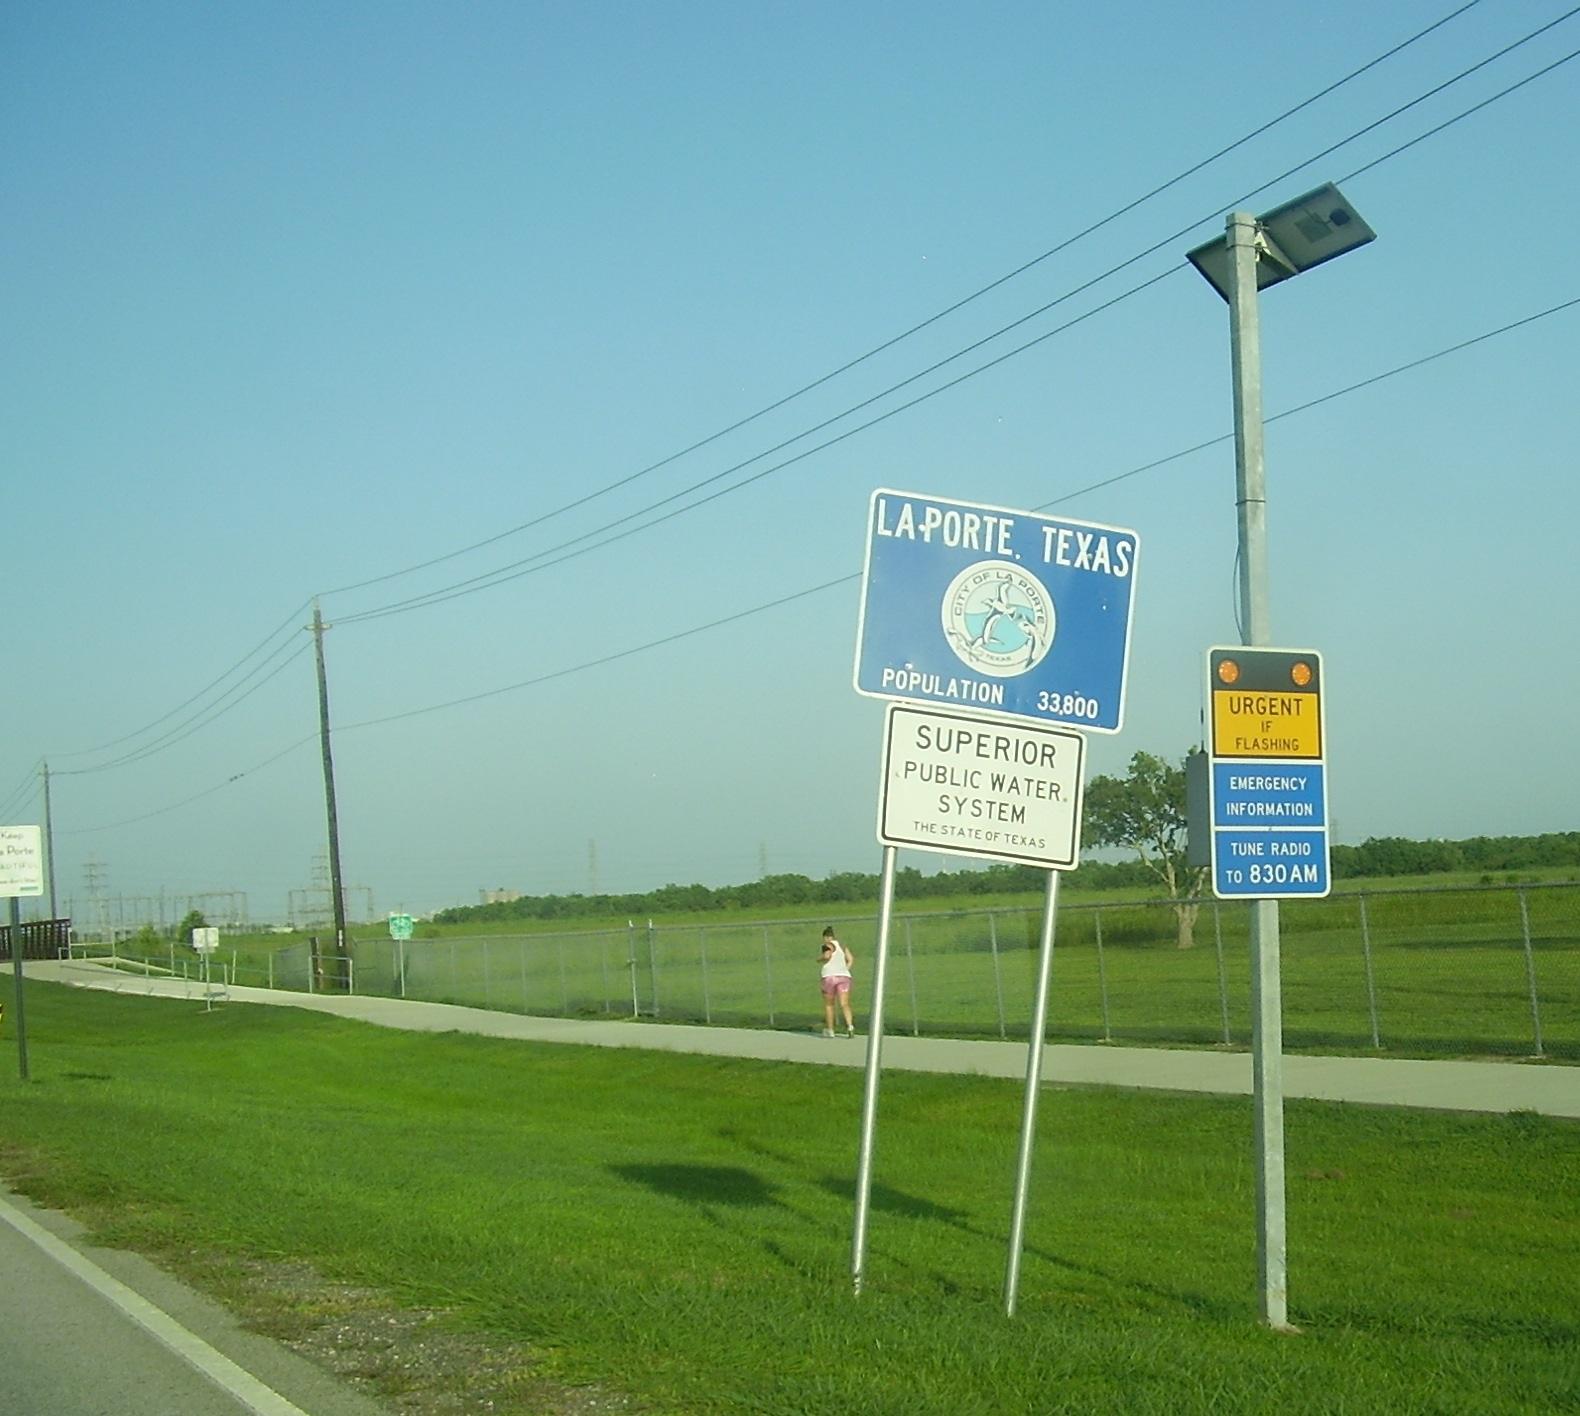 La porte texas wikipedia for La porte tx is in what county